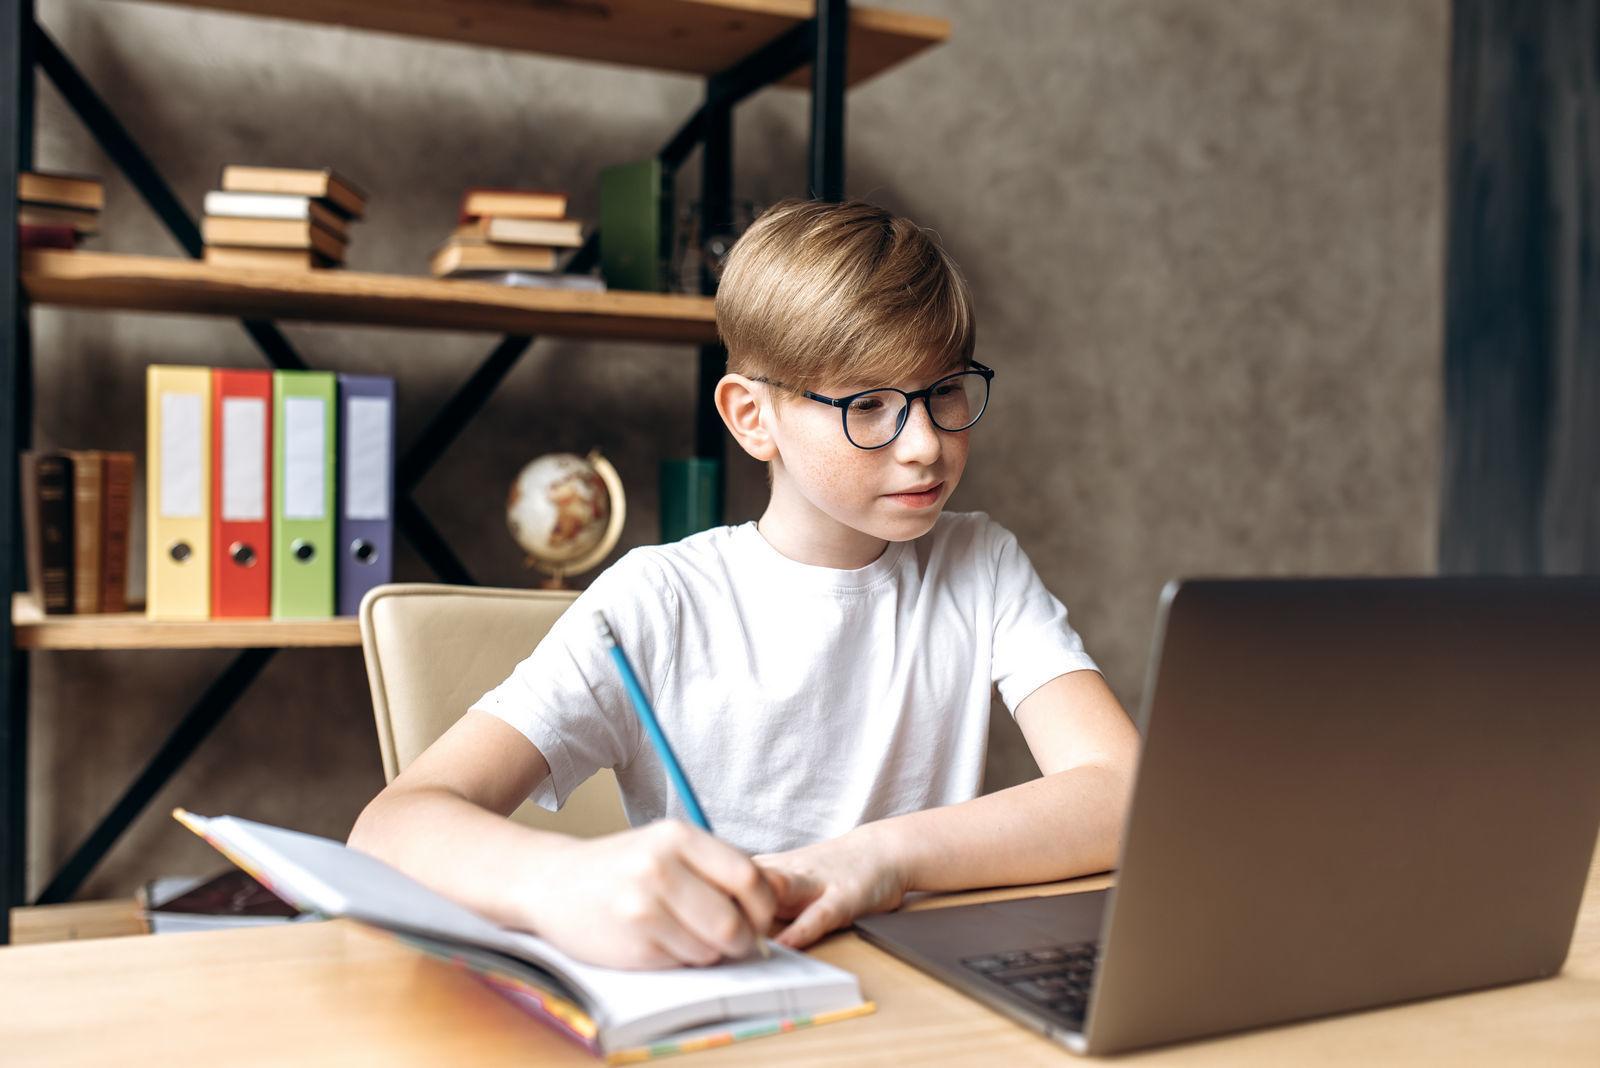 мальчик в очках сидит за учебным столом и делает домашнее задание учится